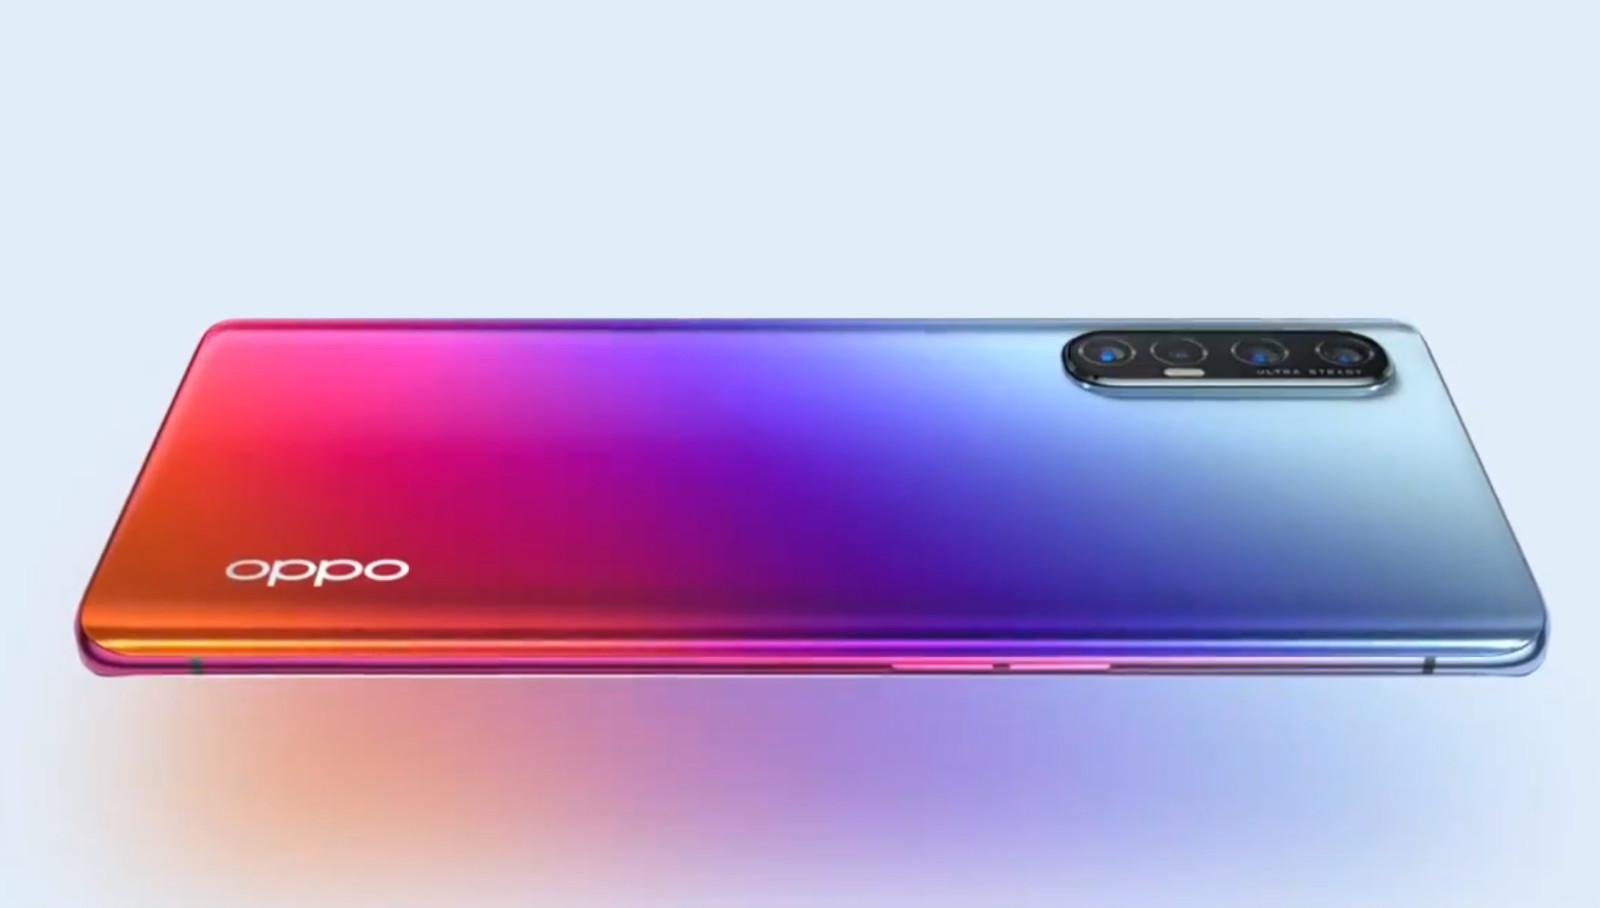 ¡OPPO Reno 3 Pro puede lucir una cámara de 44MP con orificio doble para India!